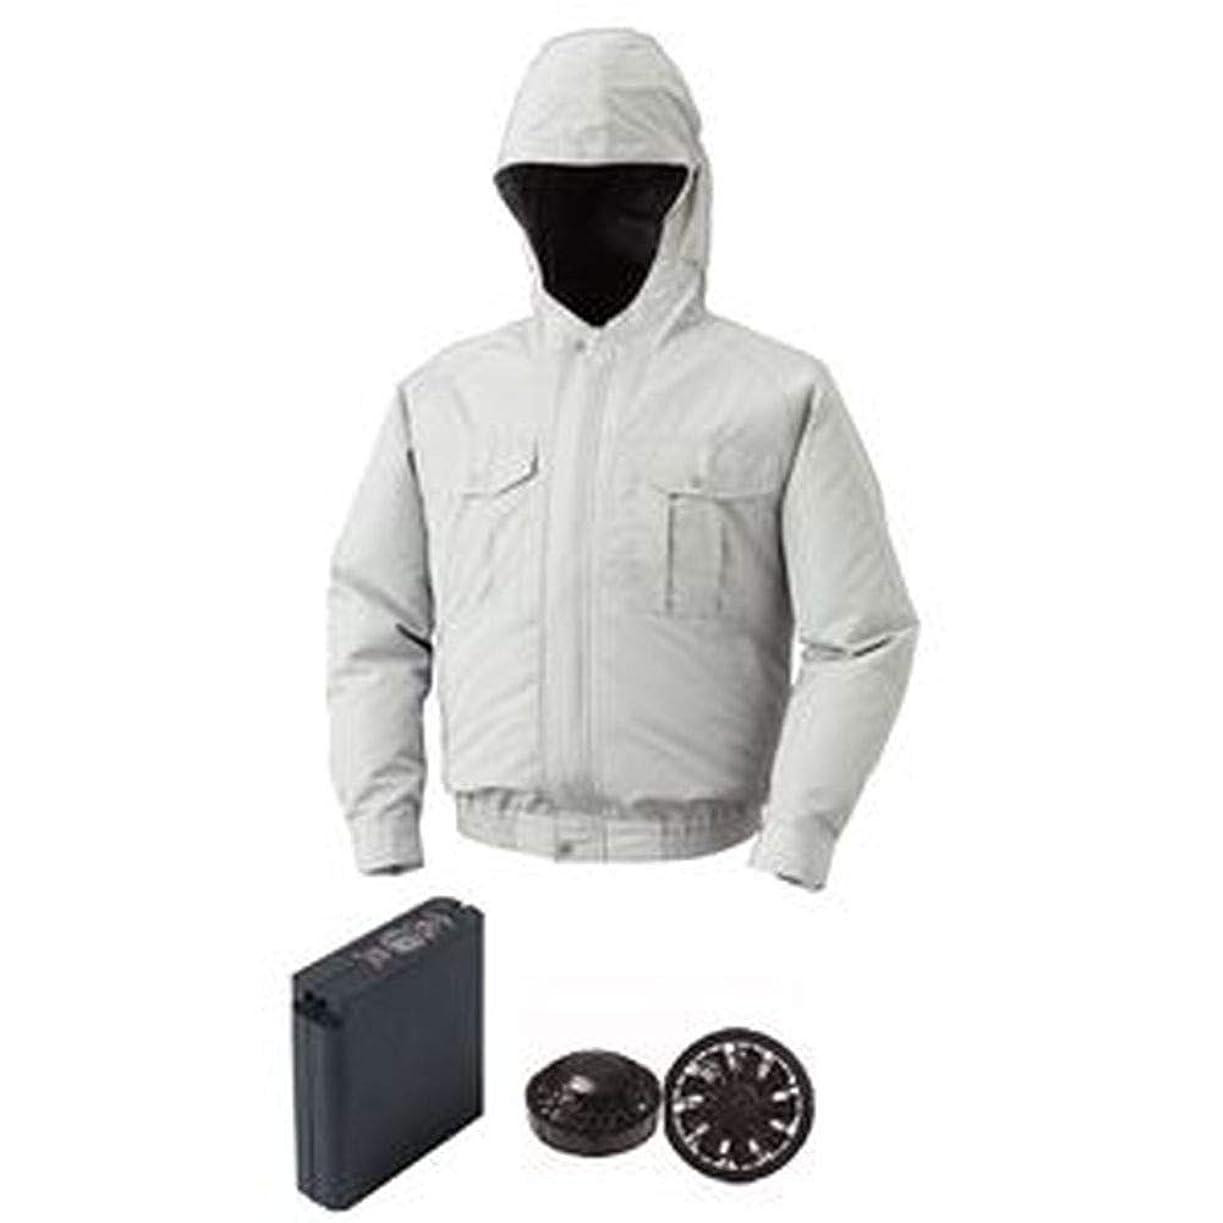 地域の検索富豪空調服/フード付屋外作業用空調服/大容量バッテリーセット/ファンカラー:ブラック / 0800B22C06S5 / - カラー:シルバー/サイズ:XL / -